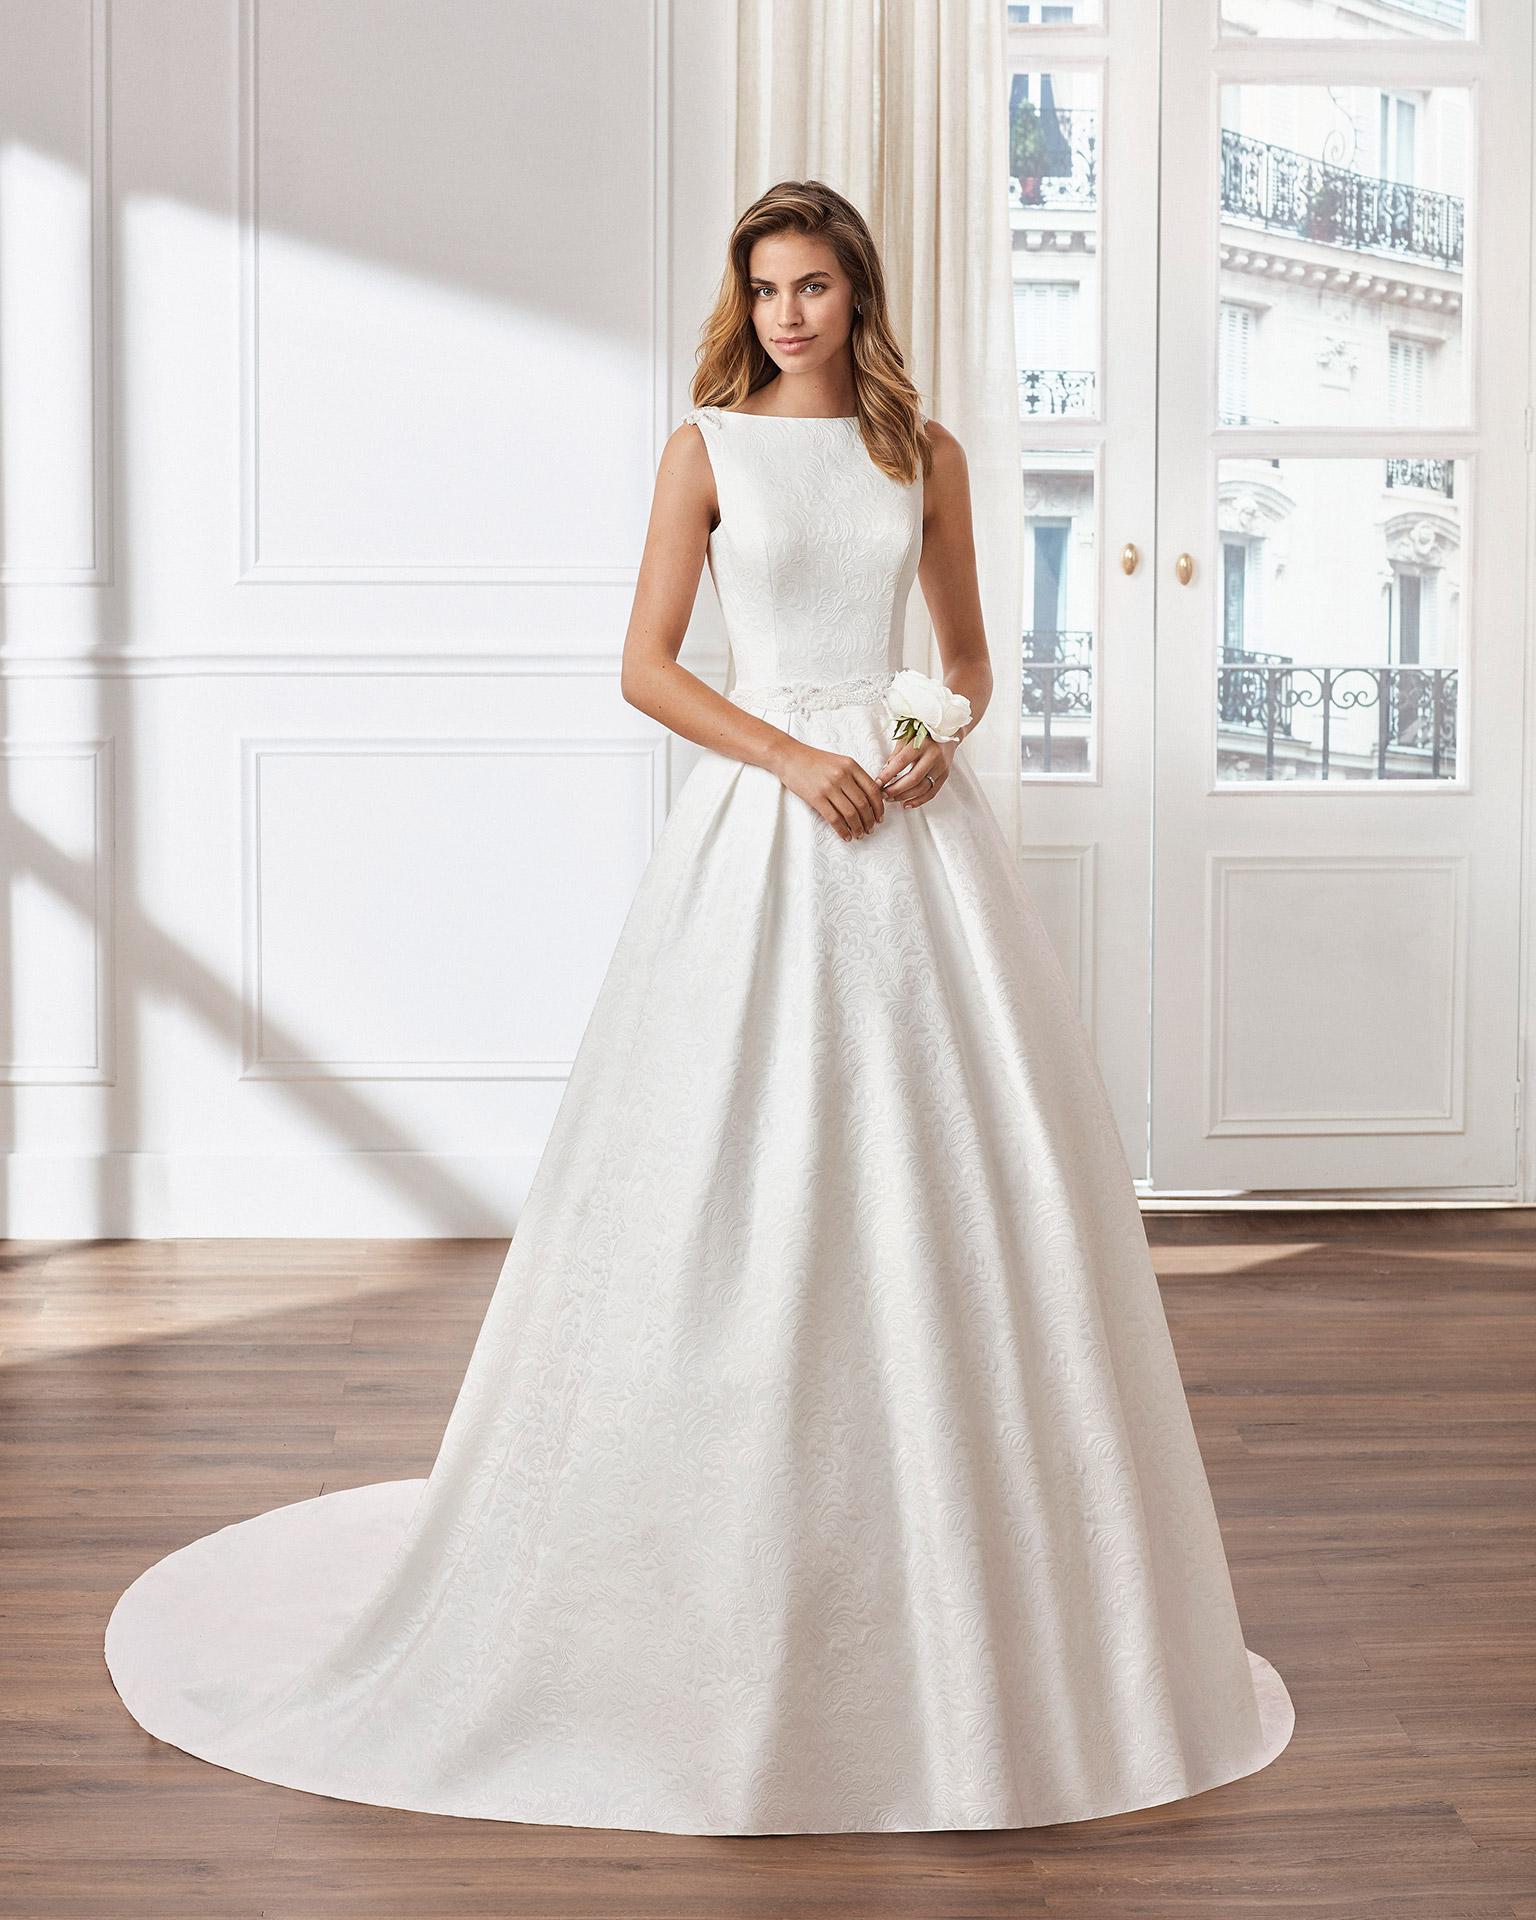 Vestido de novia estilo clásico línea A en brocado. Escote barco y espalda joya. Disponible en color natural. Colección  2020.